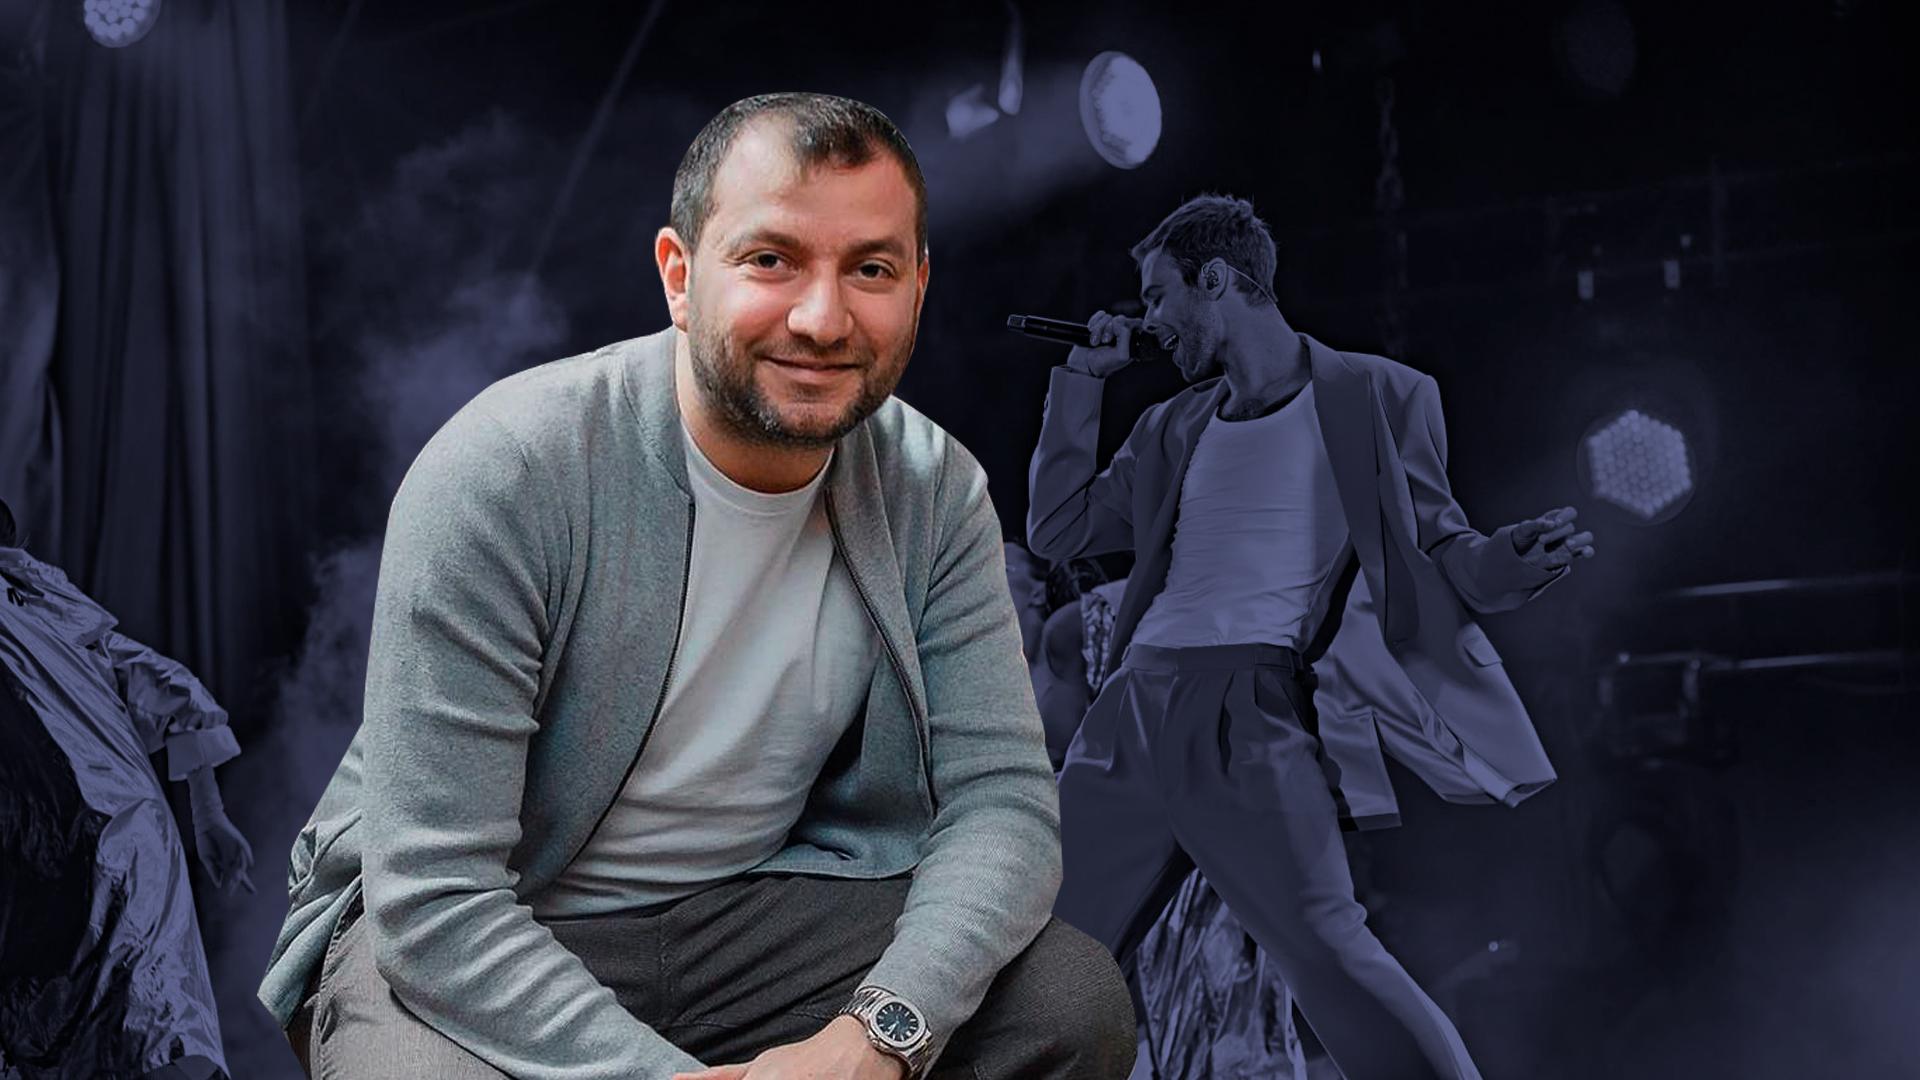 Партнёр внука Ельцина, нетрезвый гонщик и разносчик CoViD-19: кто стоит за московским рестораном, где в пандемию выступал Макс Барских